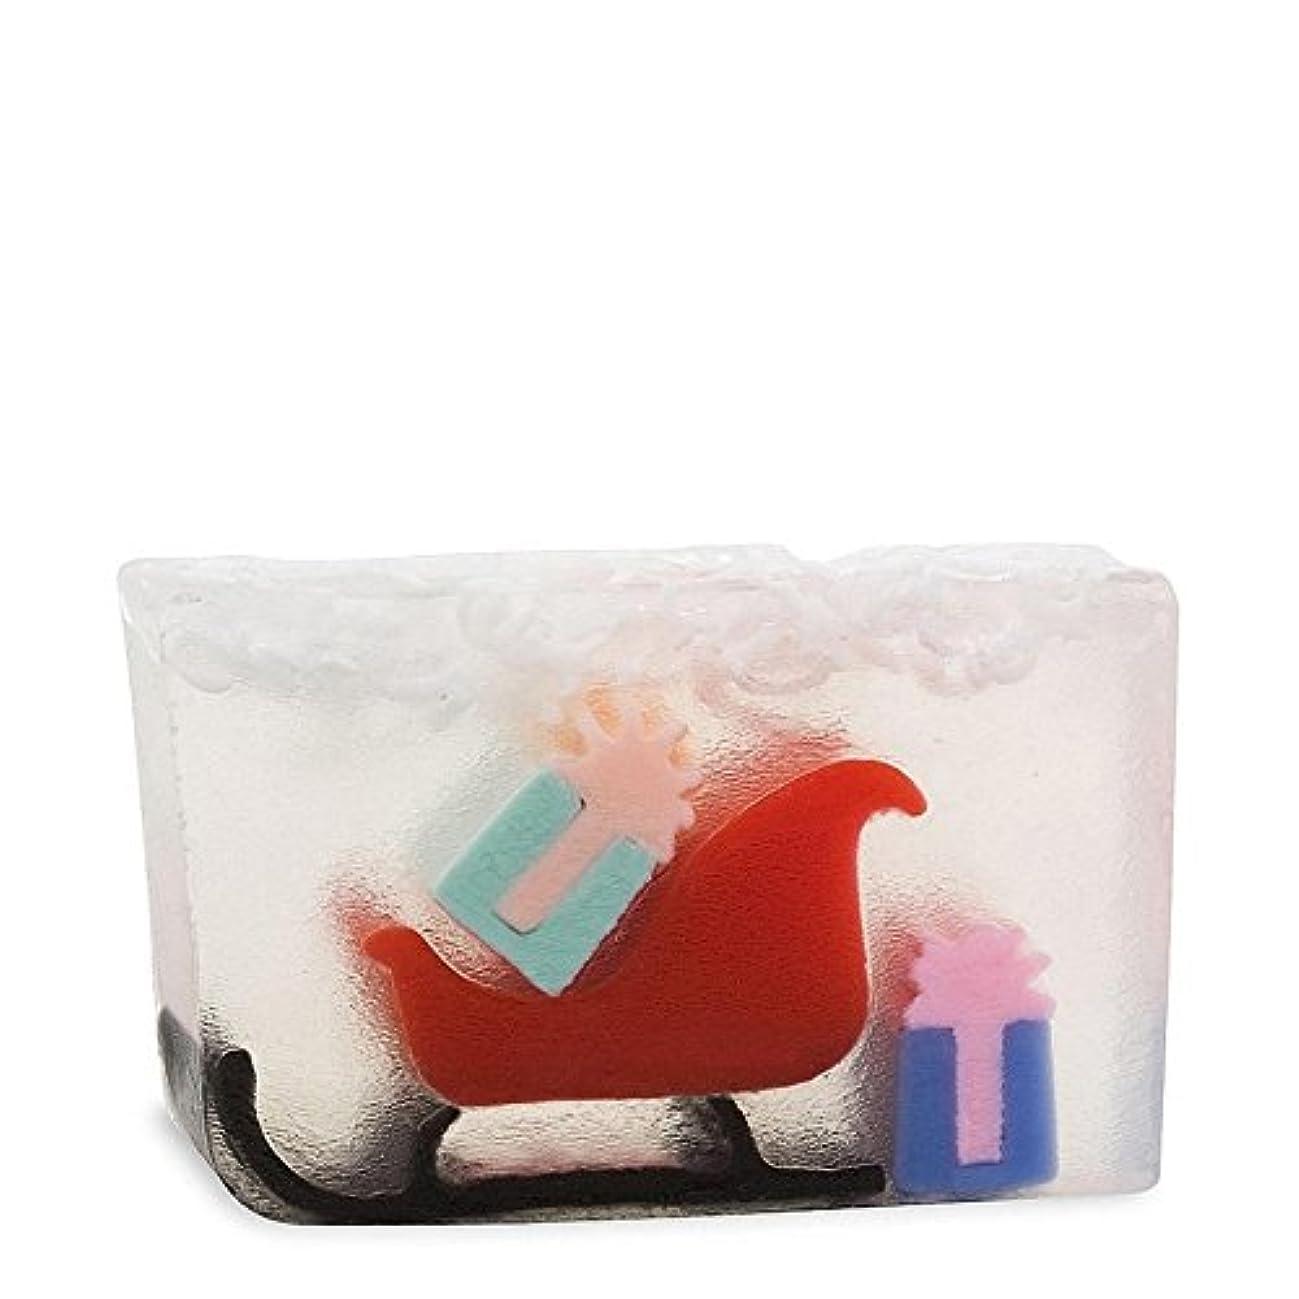 忠実に動員する分割Primal Elements Santas Sleigh (Pack of 6) - 原始要素のサンタのそり x6 [並行輸入品]